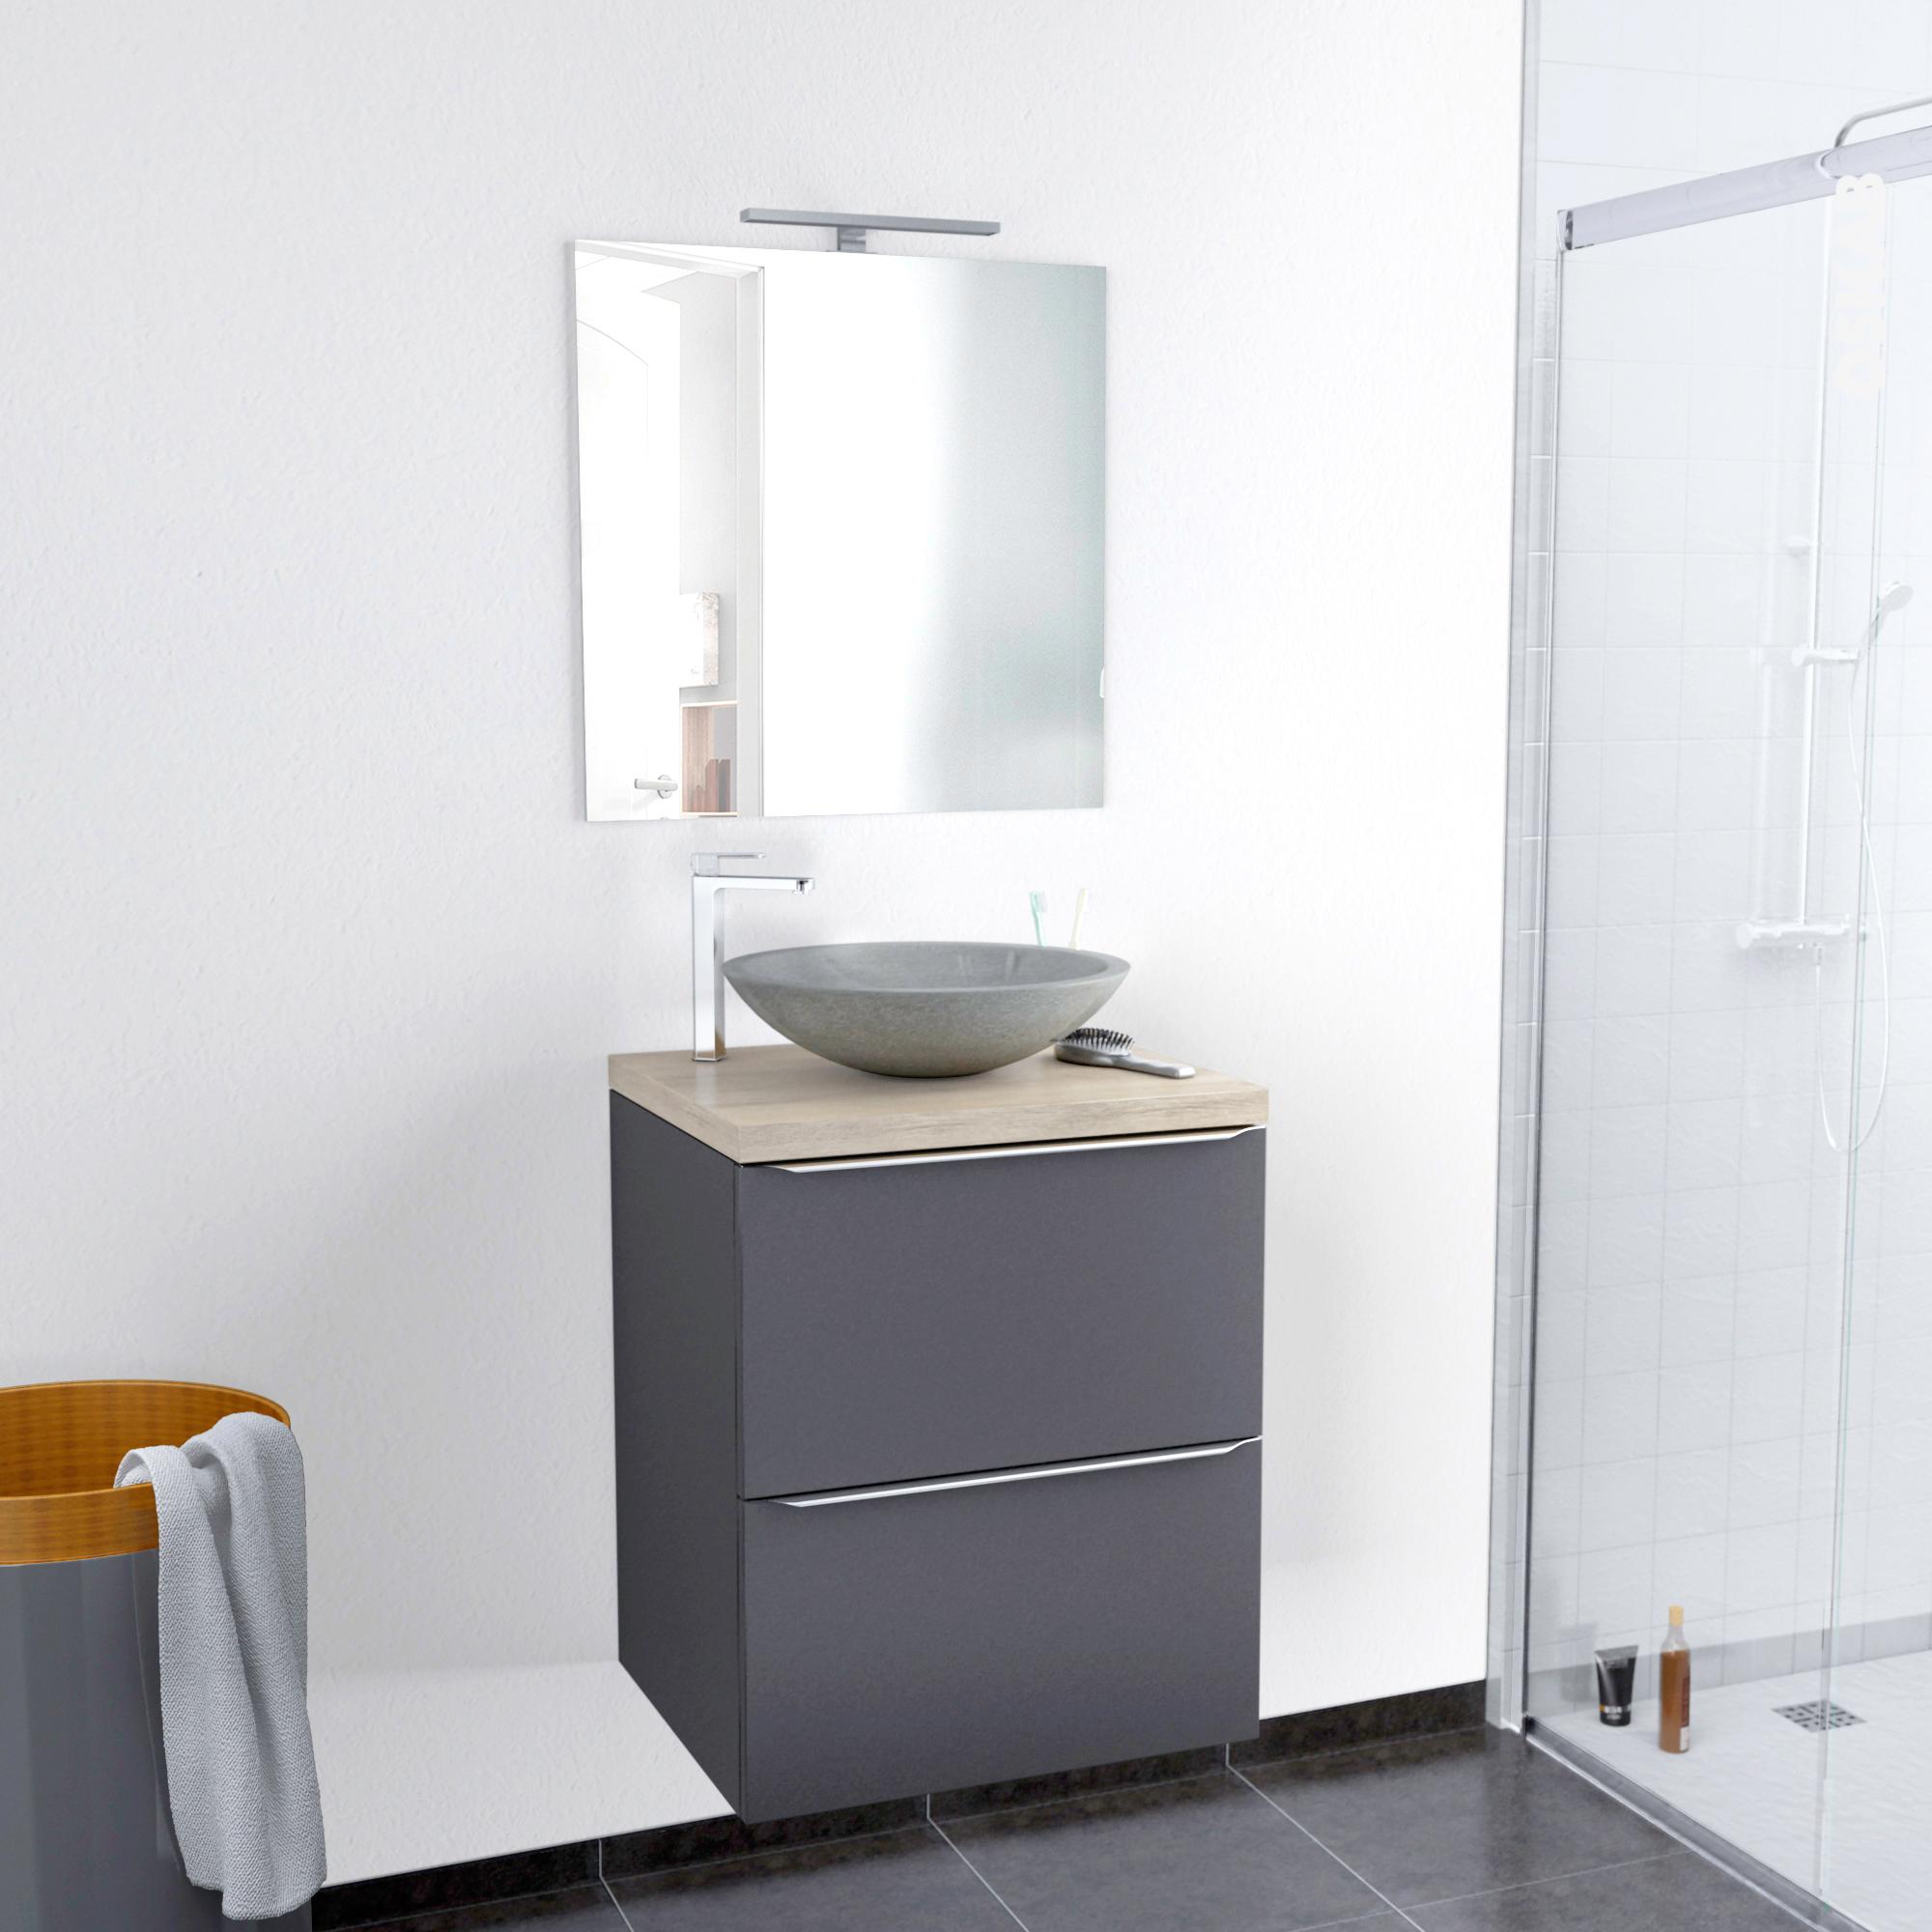 Meuble vasque salle de bain 60 cm 46155 salle de bain id es for Ensemble vasque salle de bain